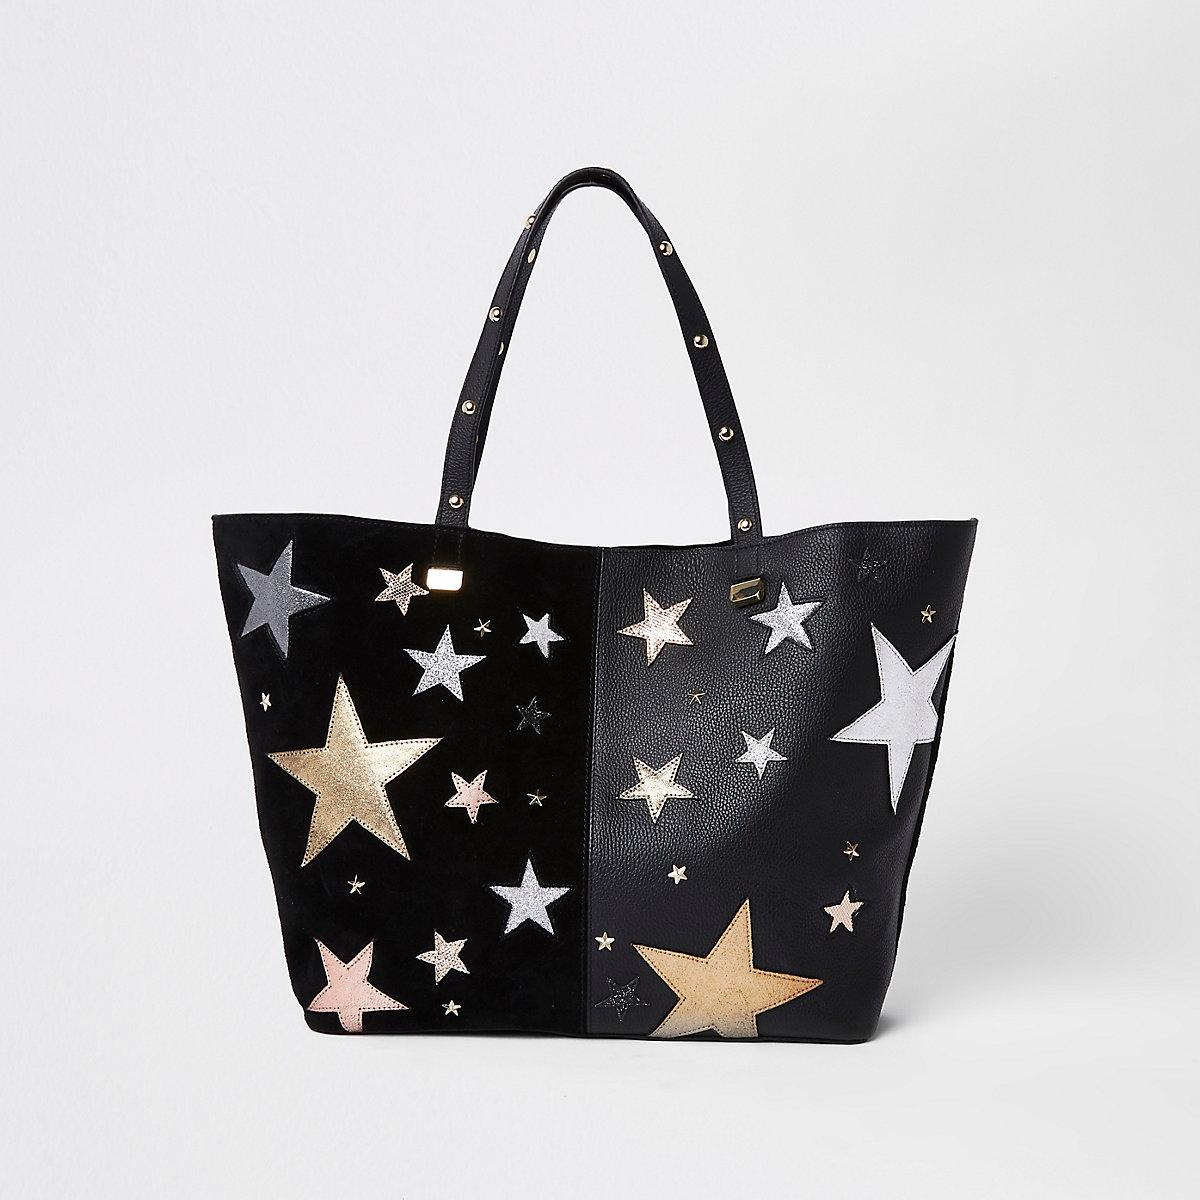 Zwarte leren handtas met opgestikte sterren